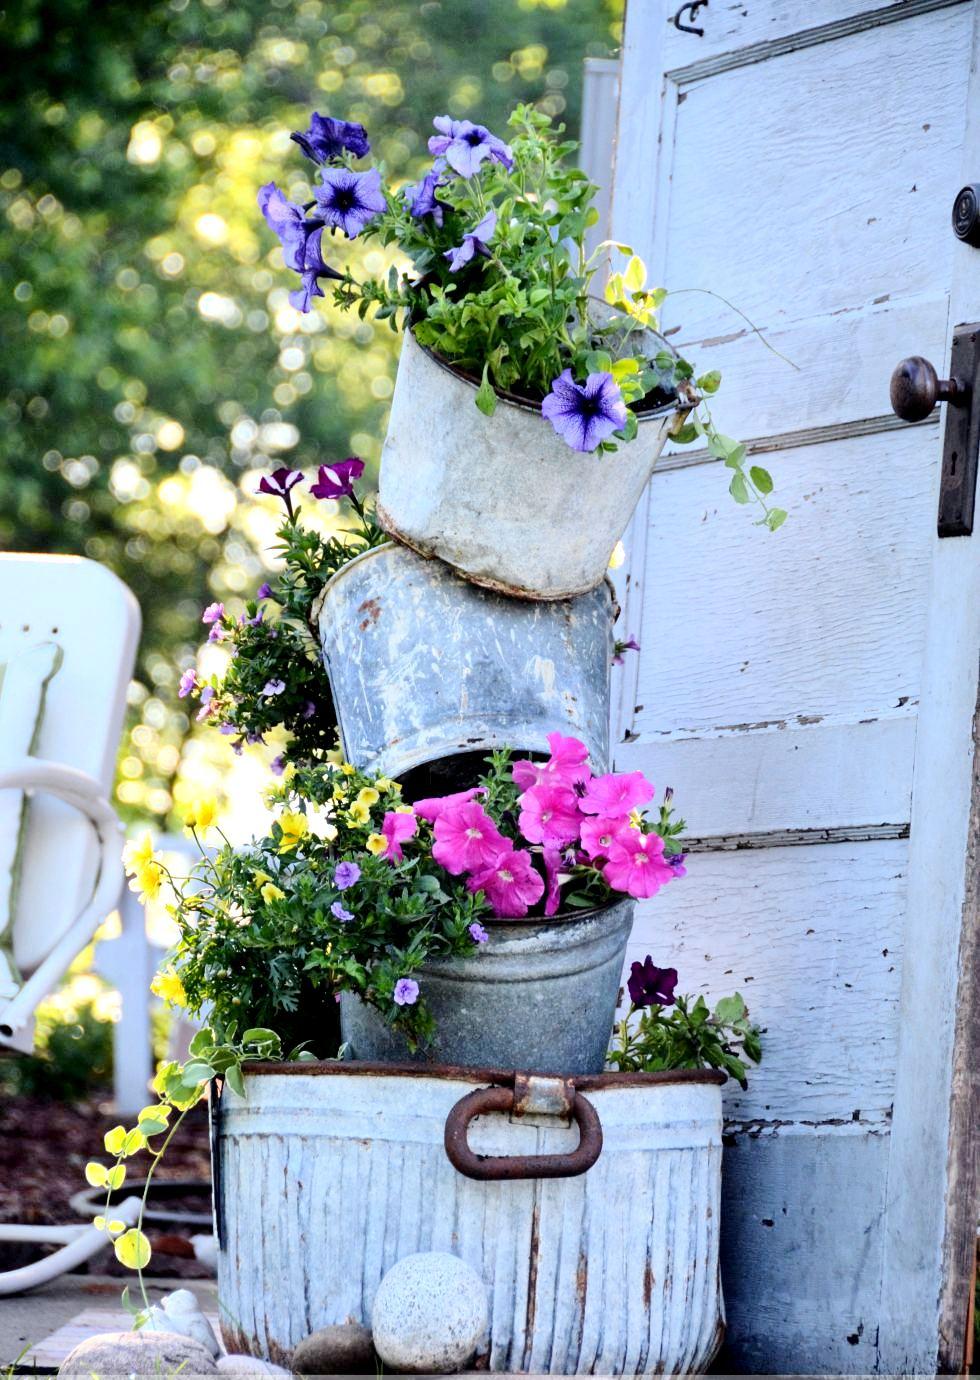 Для кого-то старые ржавые ведра это мусор, а кого-то привлечет идея создать из них вазоны для цветов в форме вертикальной композиции